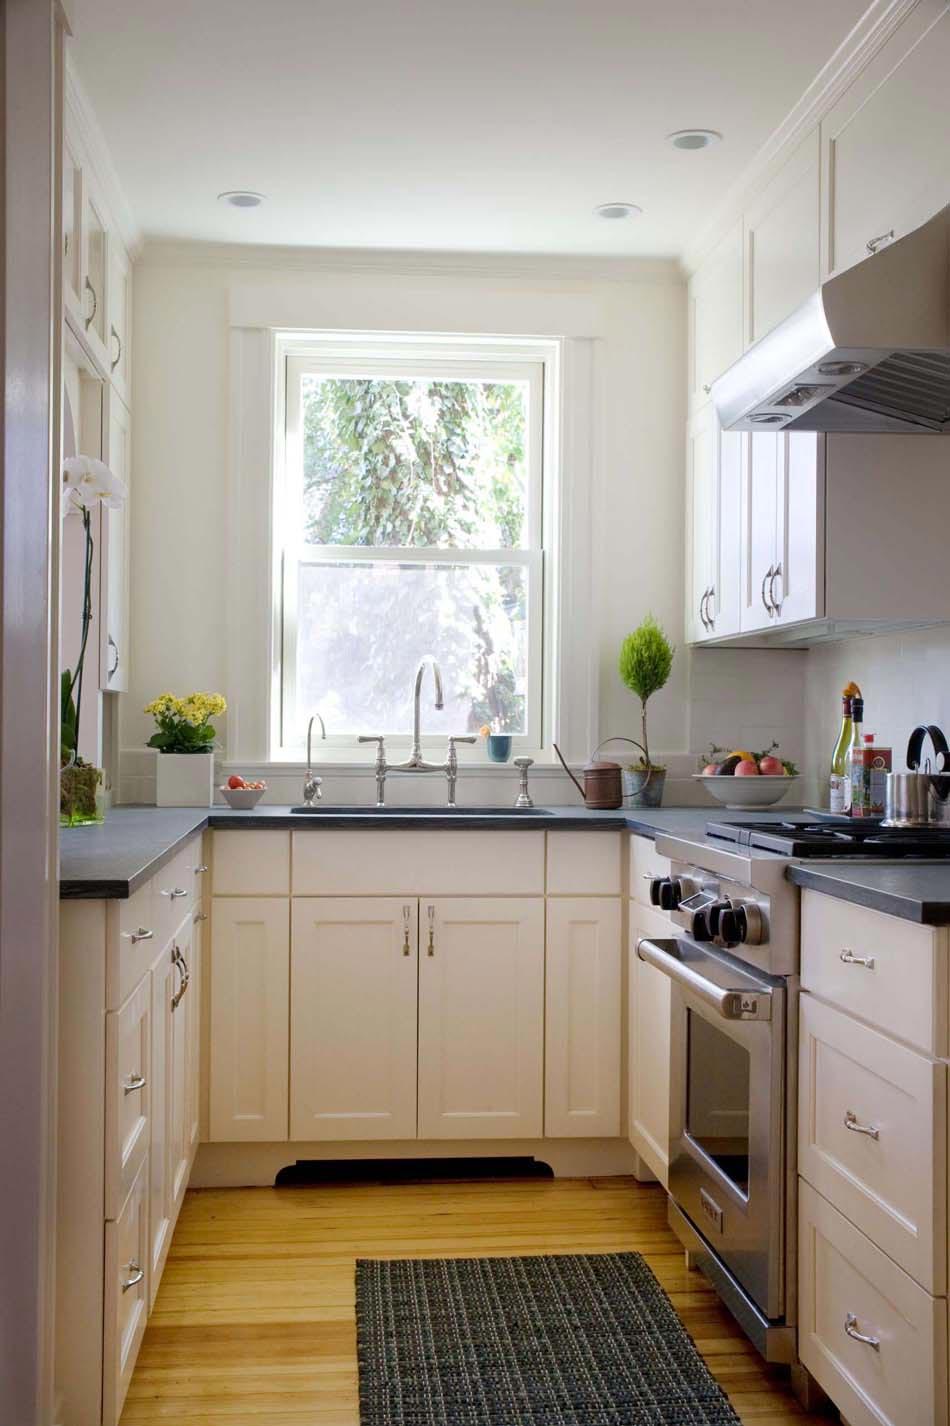 15 exemples de petite cuisine pratique et parfaitement. Black Bedroom Furniture Sets. Home Design Ideas